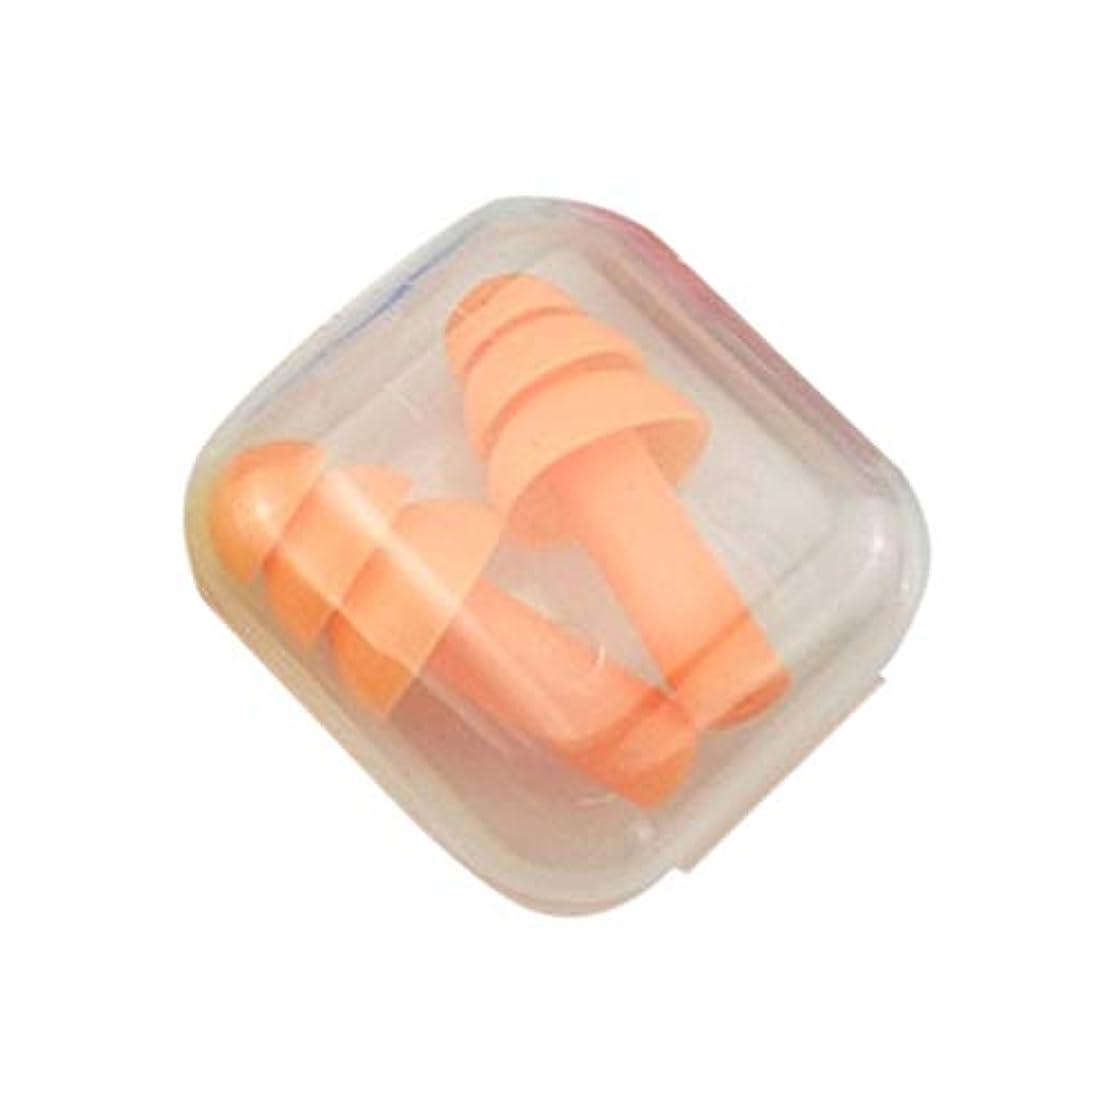 ご意見概要知覚するソフトシリコン耳栓遮音防音耳栓収納ボックス付き